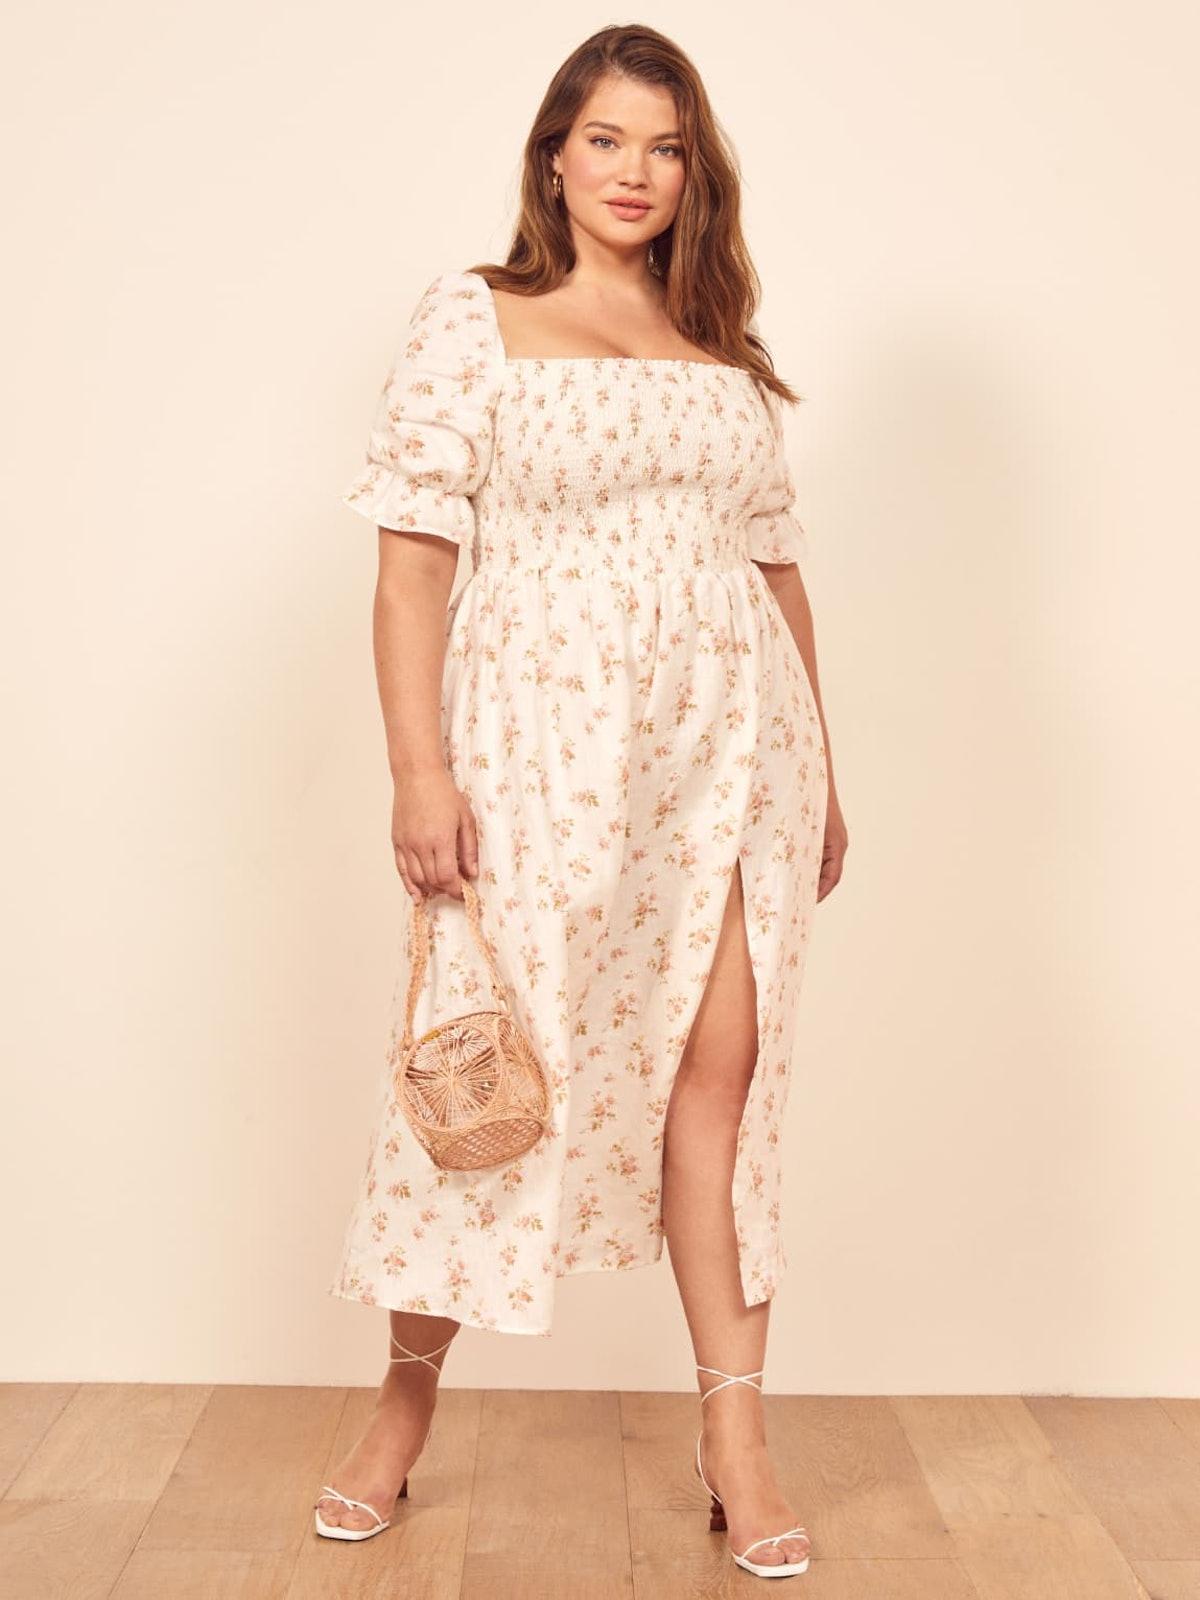 Extended Sizes Marabella Dress